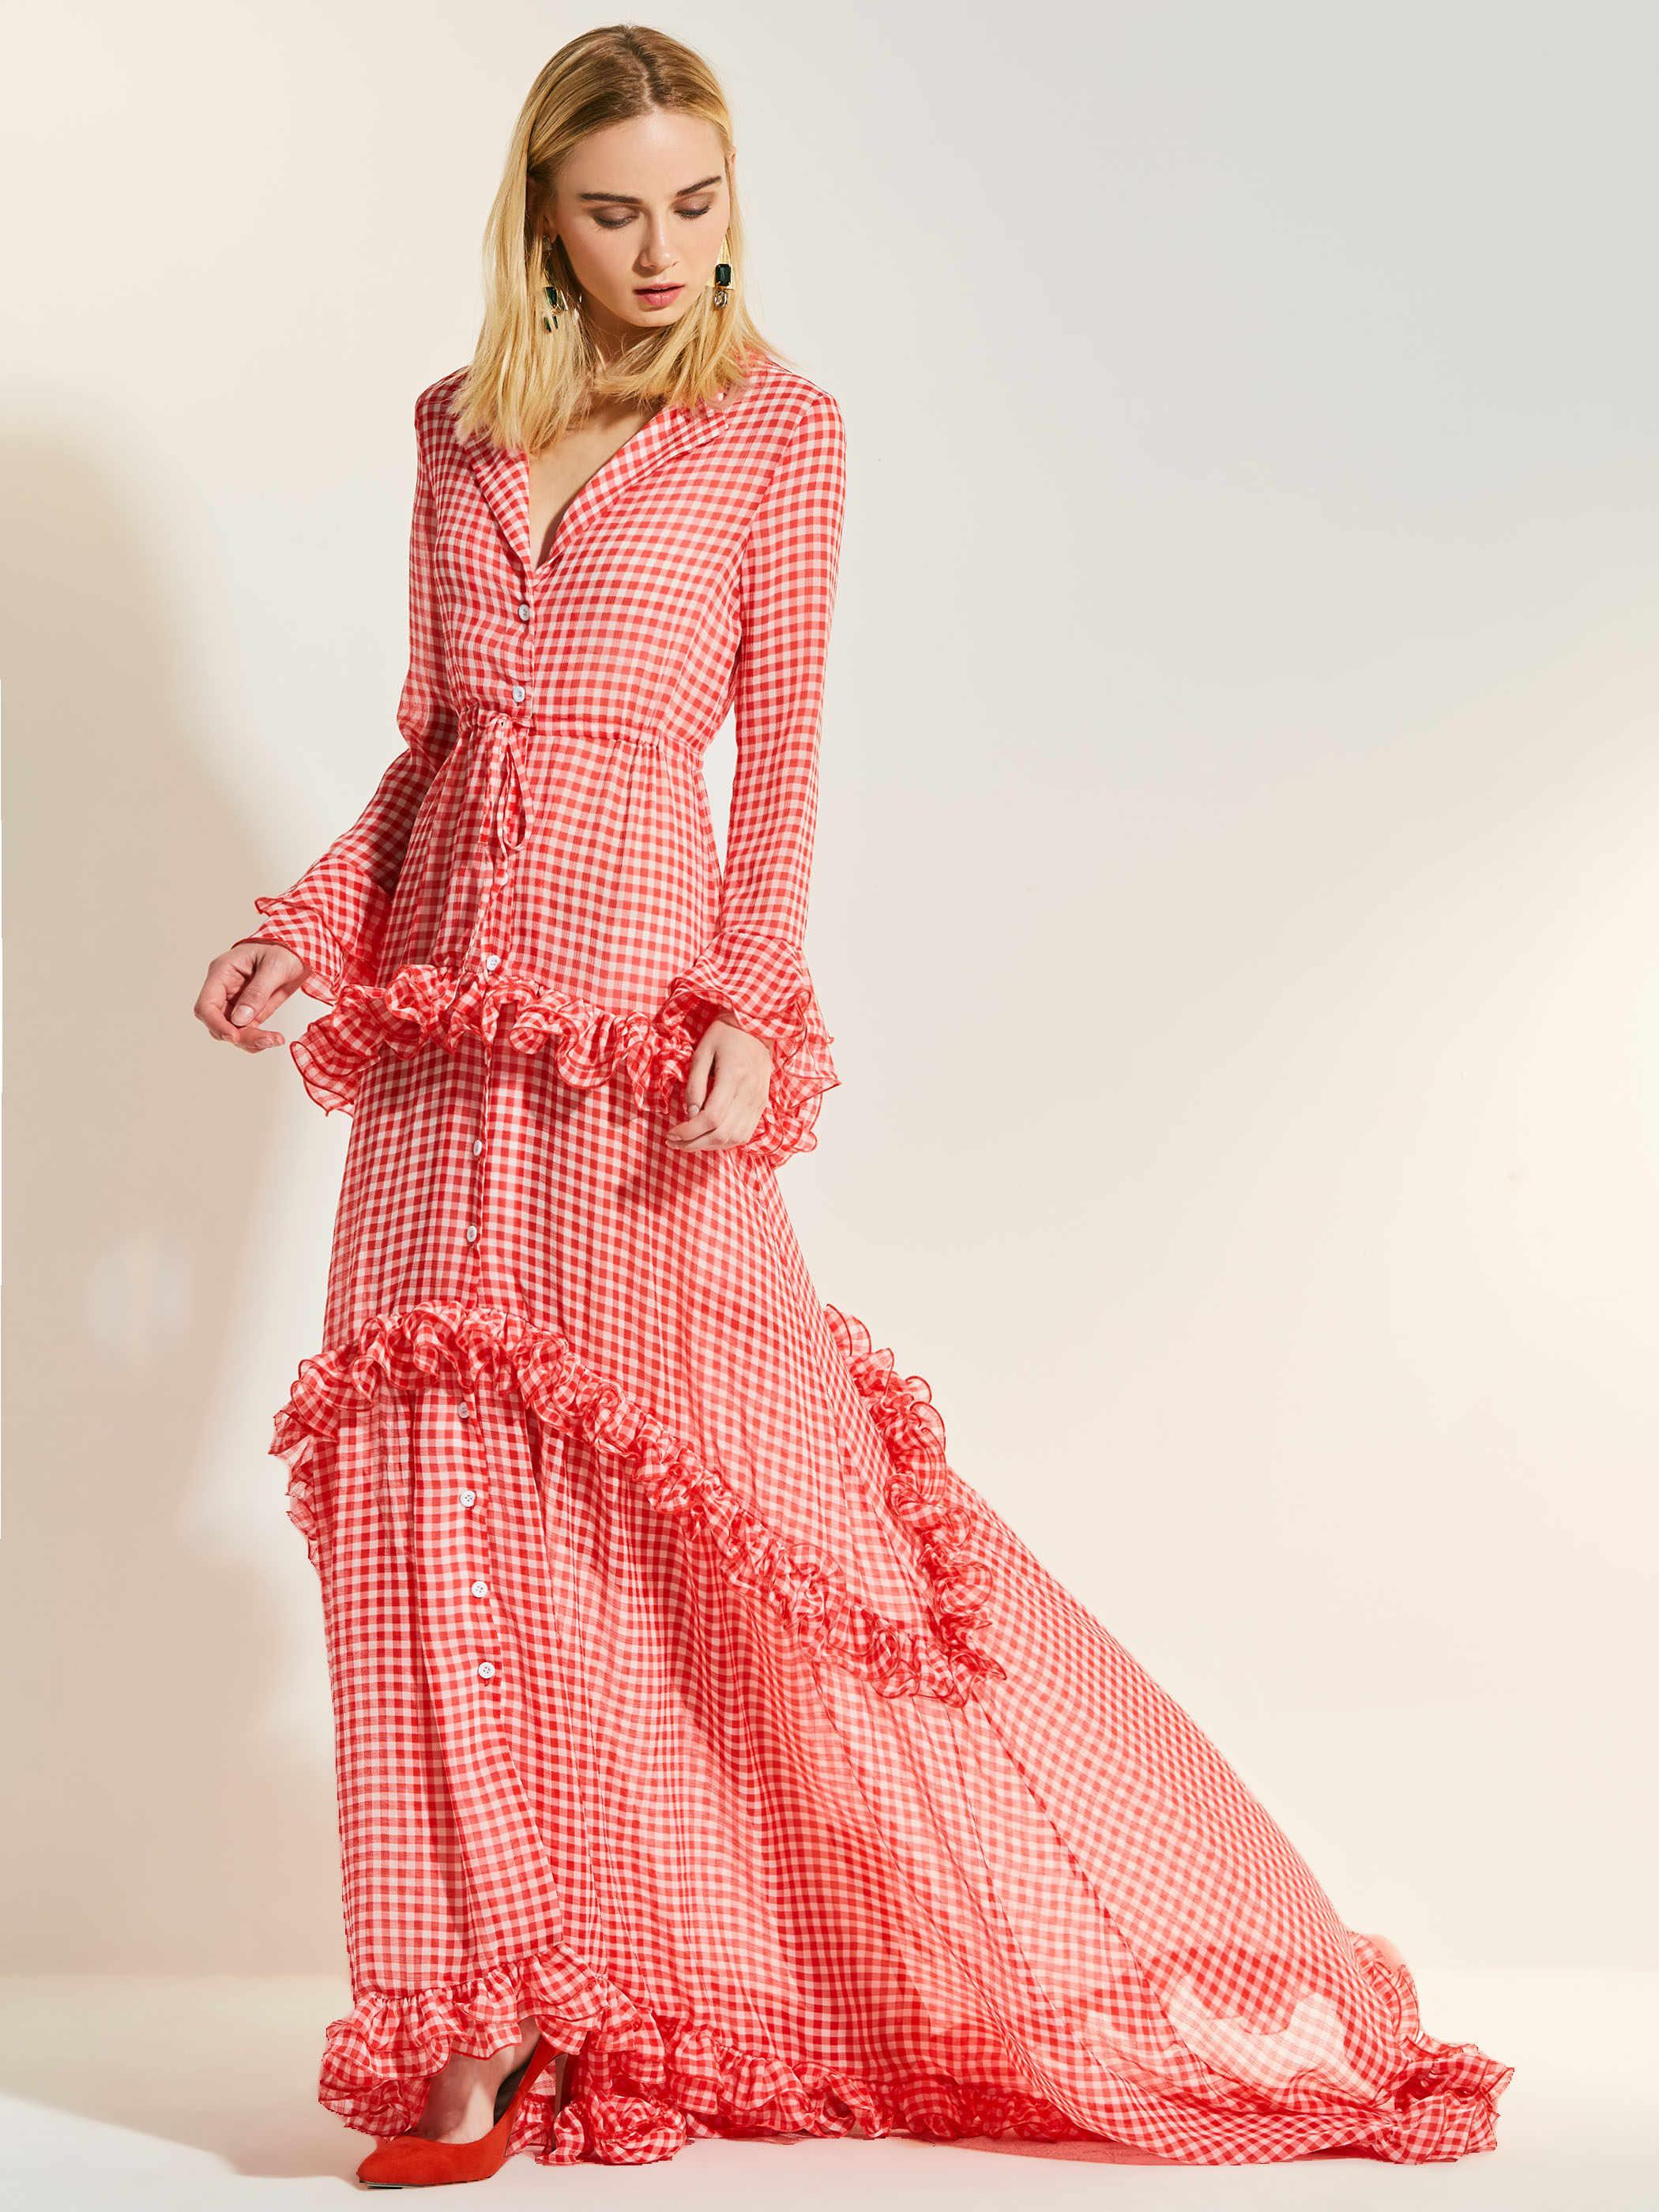 Женские макси платья повседневные милые элегантные OL летние вечерние красные свободные лацканы с высокой талией клетчатое асимметричное платье с пуговицами Falbala